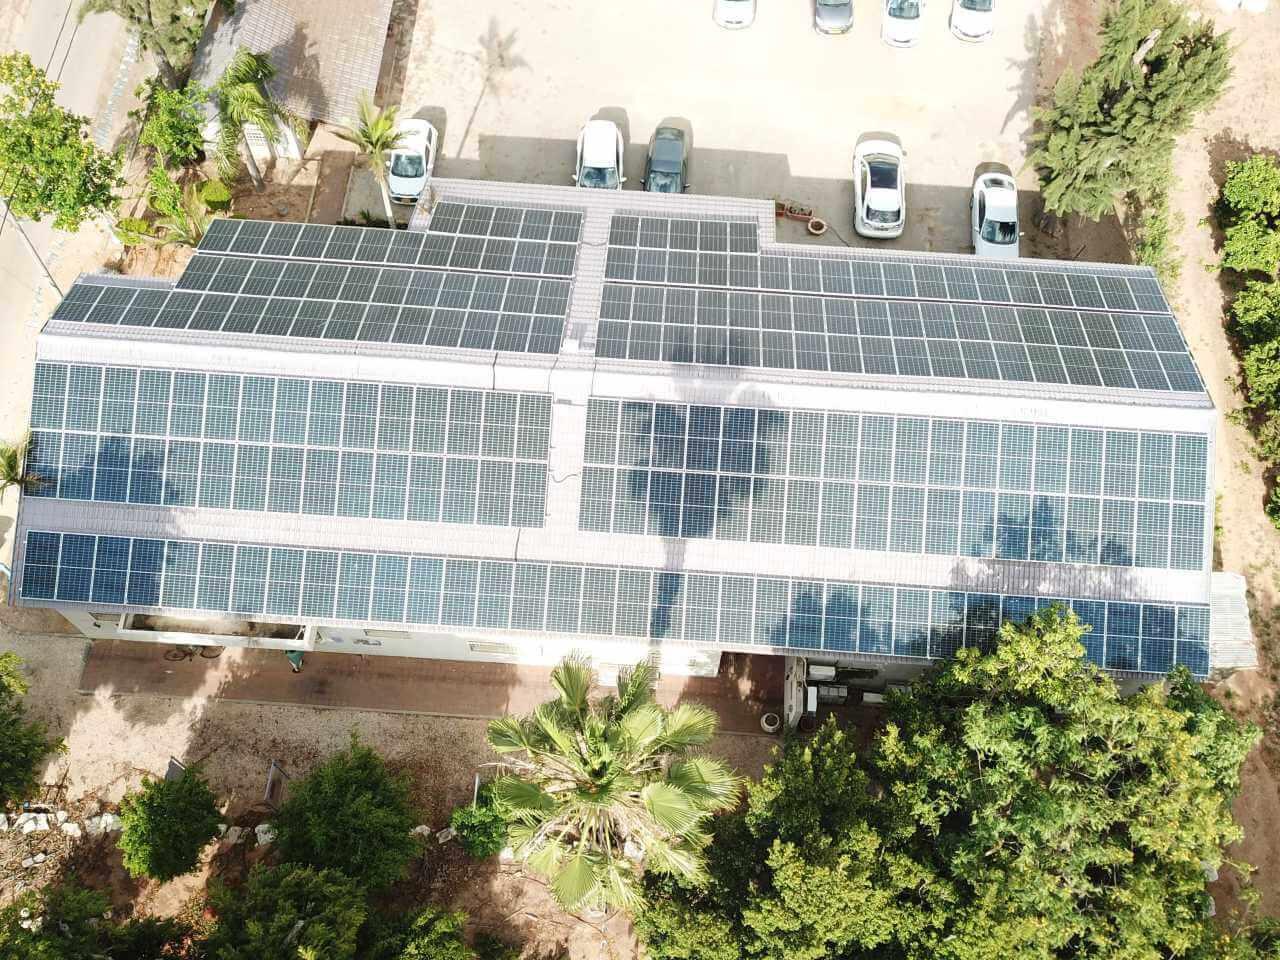 התקנת מערכות סולאריות כפר מלל